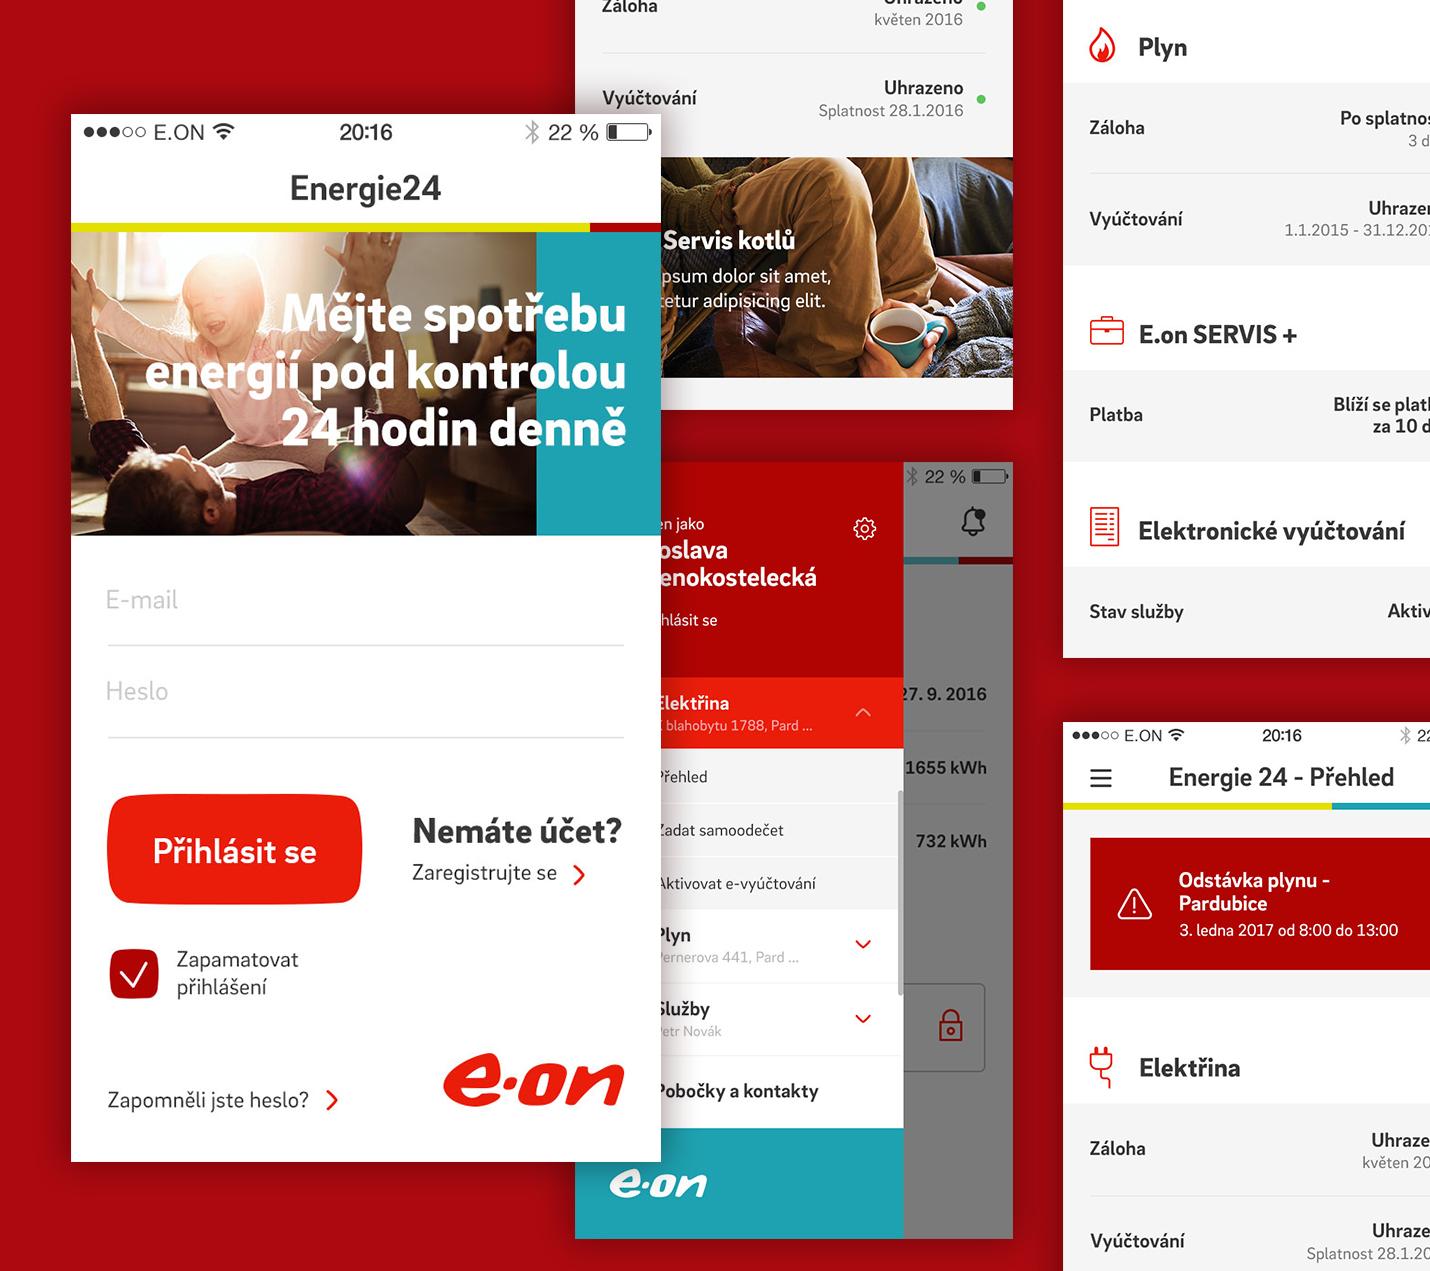 E.ON Mobile App